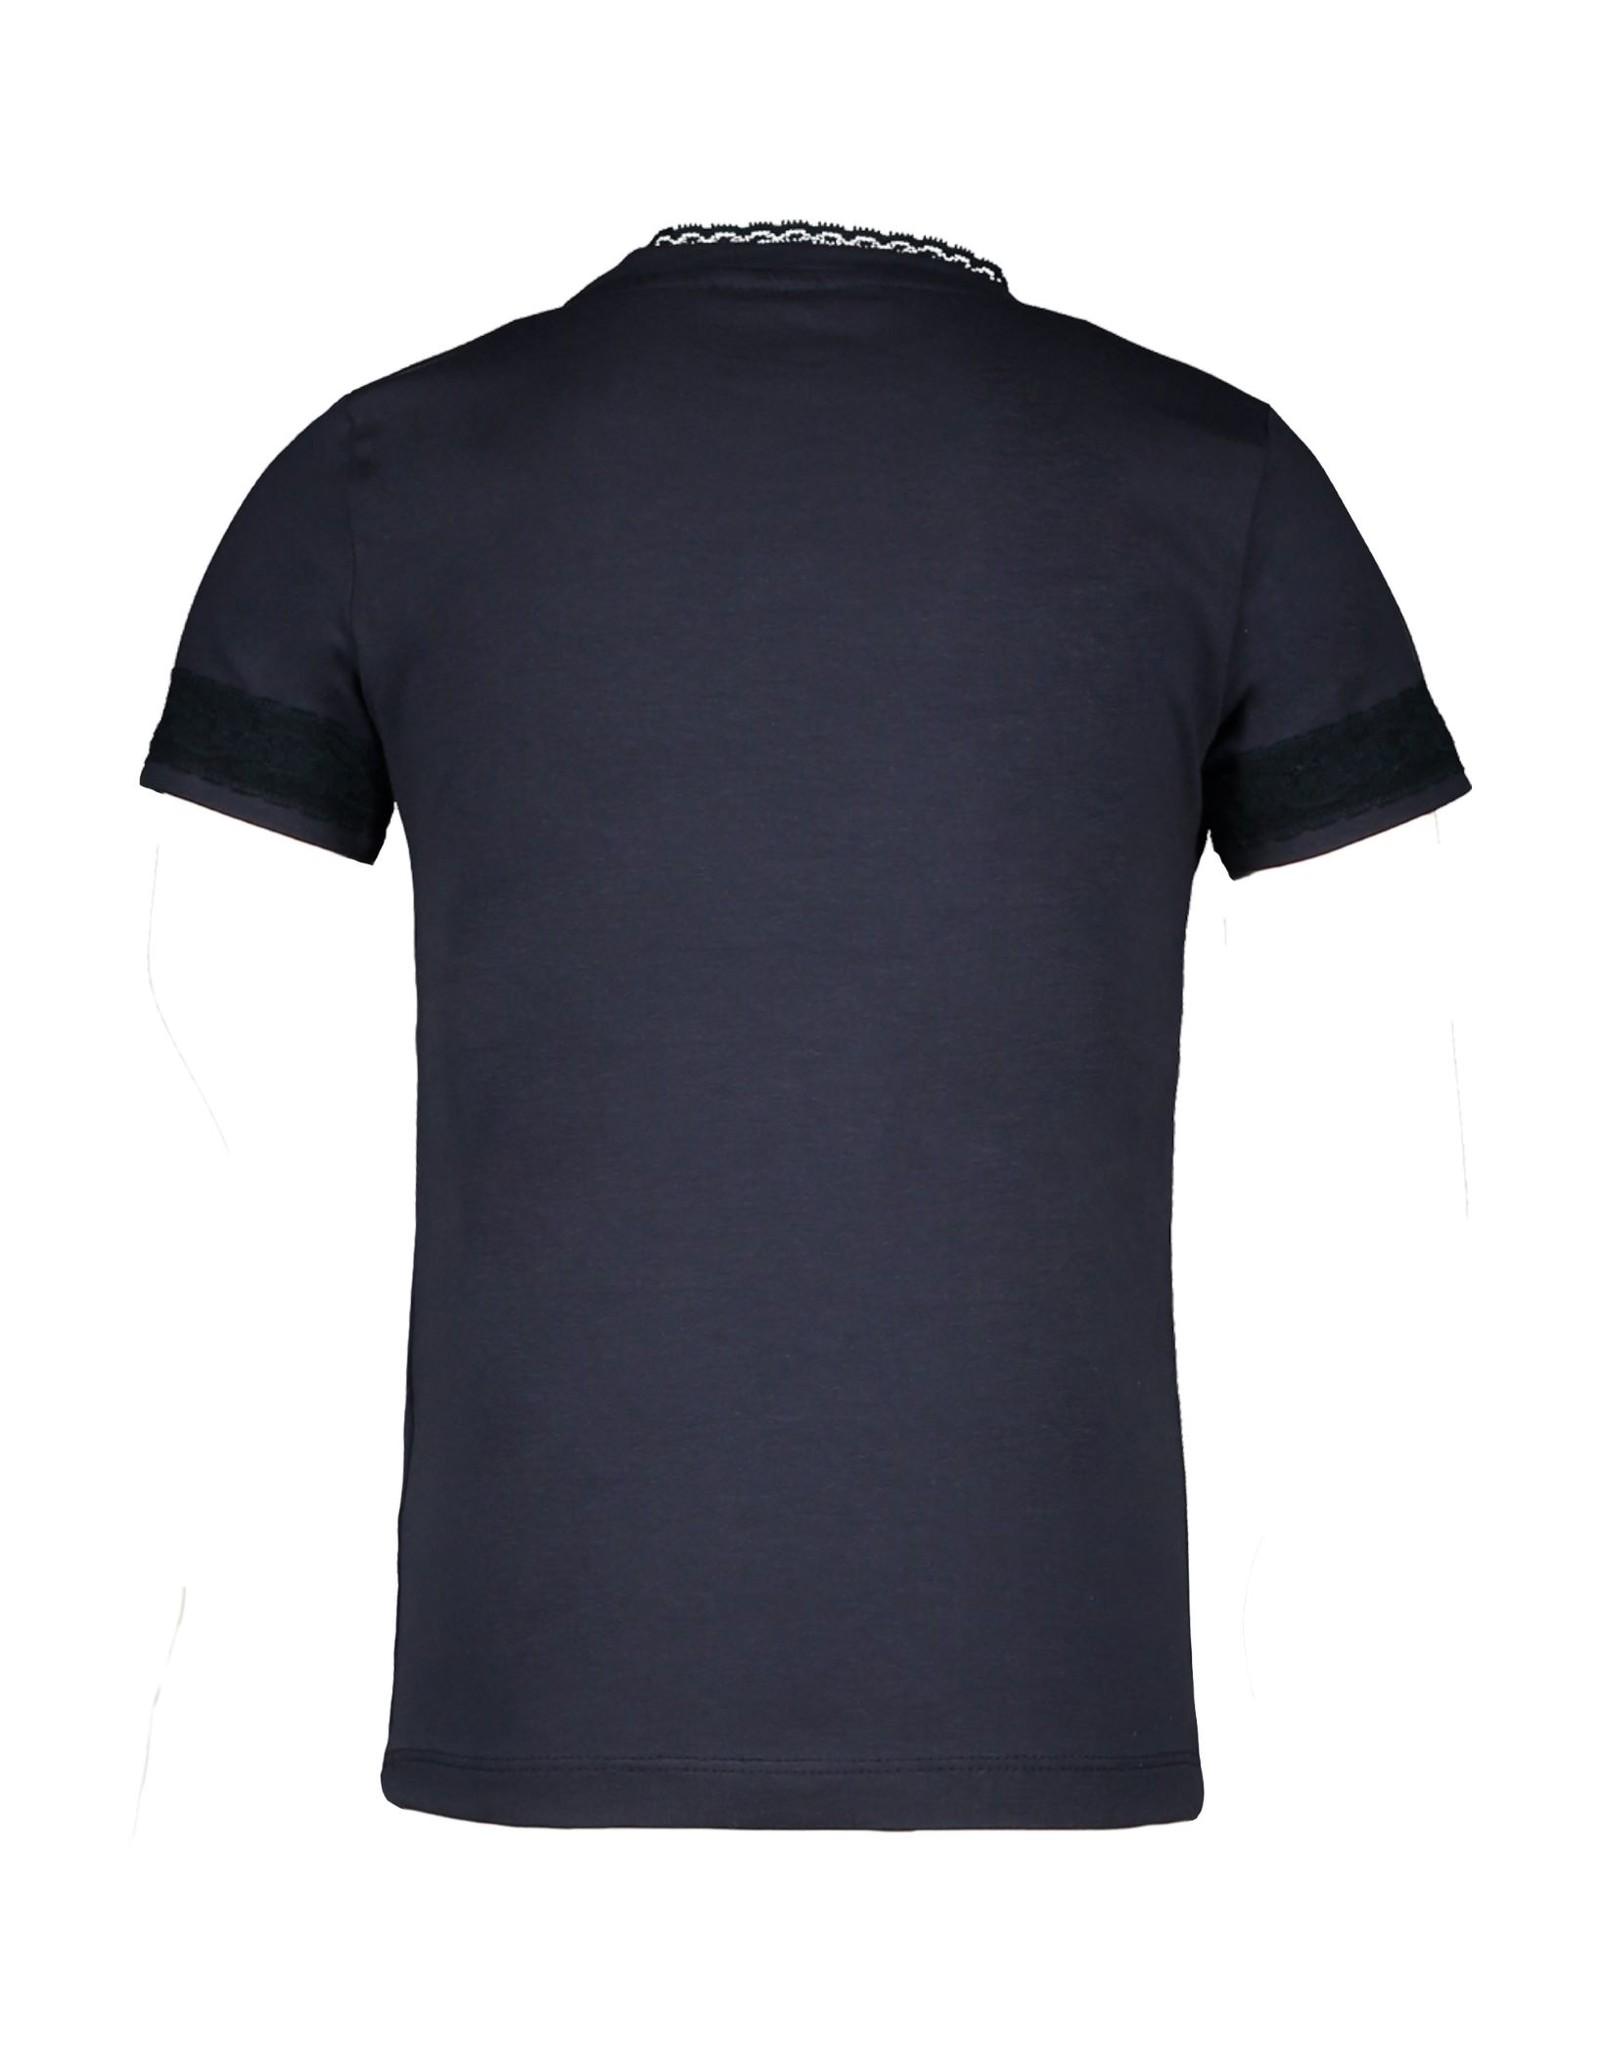 Moodstreet Moodstreet shirt 5402 navy